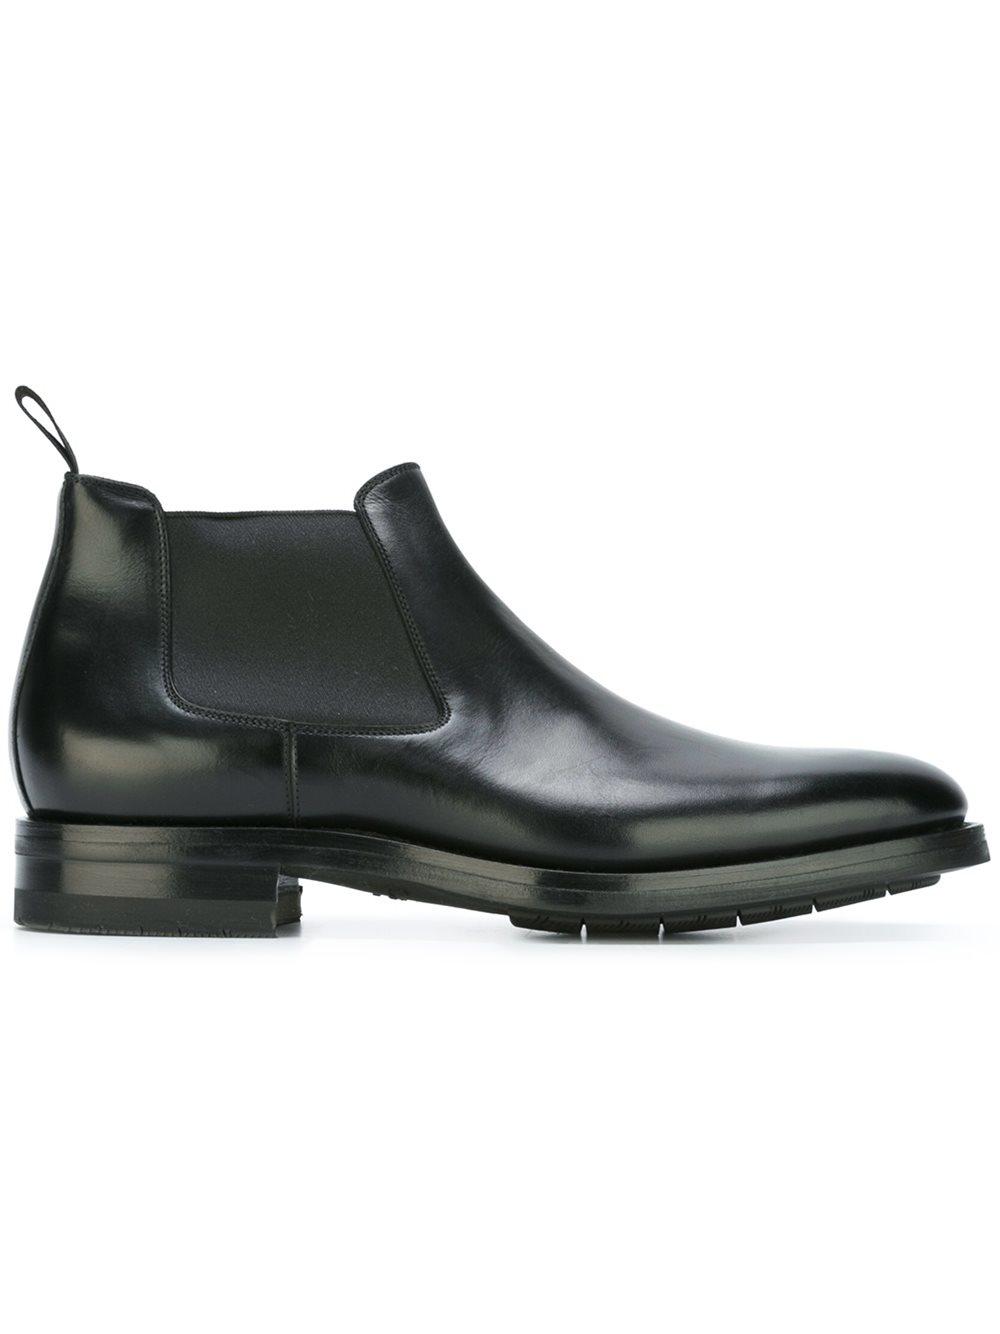 santoni chelsea boots in multicolor for men black lyst. Black Bedroom Furniture Sets. Home Design Ideas